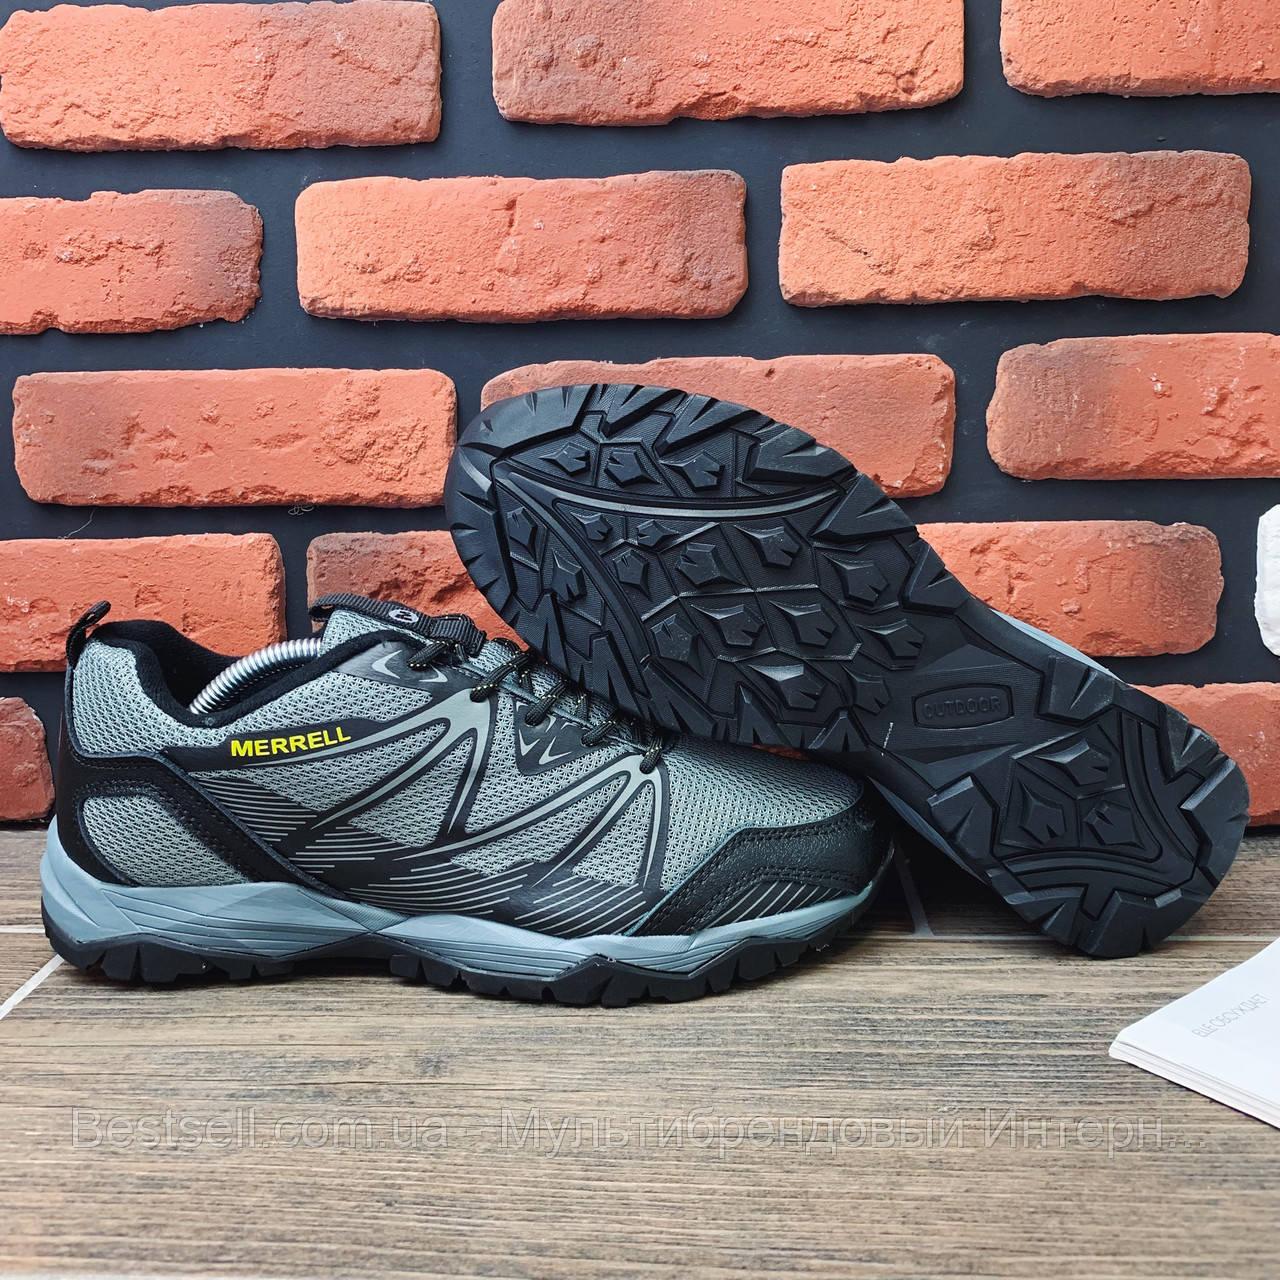 Кросівки чоловічі Merrell 14003 ⏩ [ 40 останній розмір ]